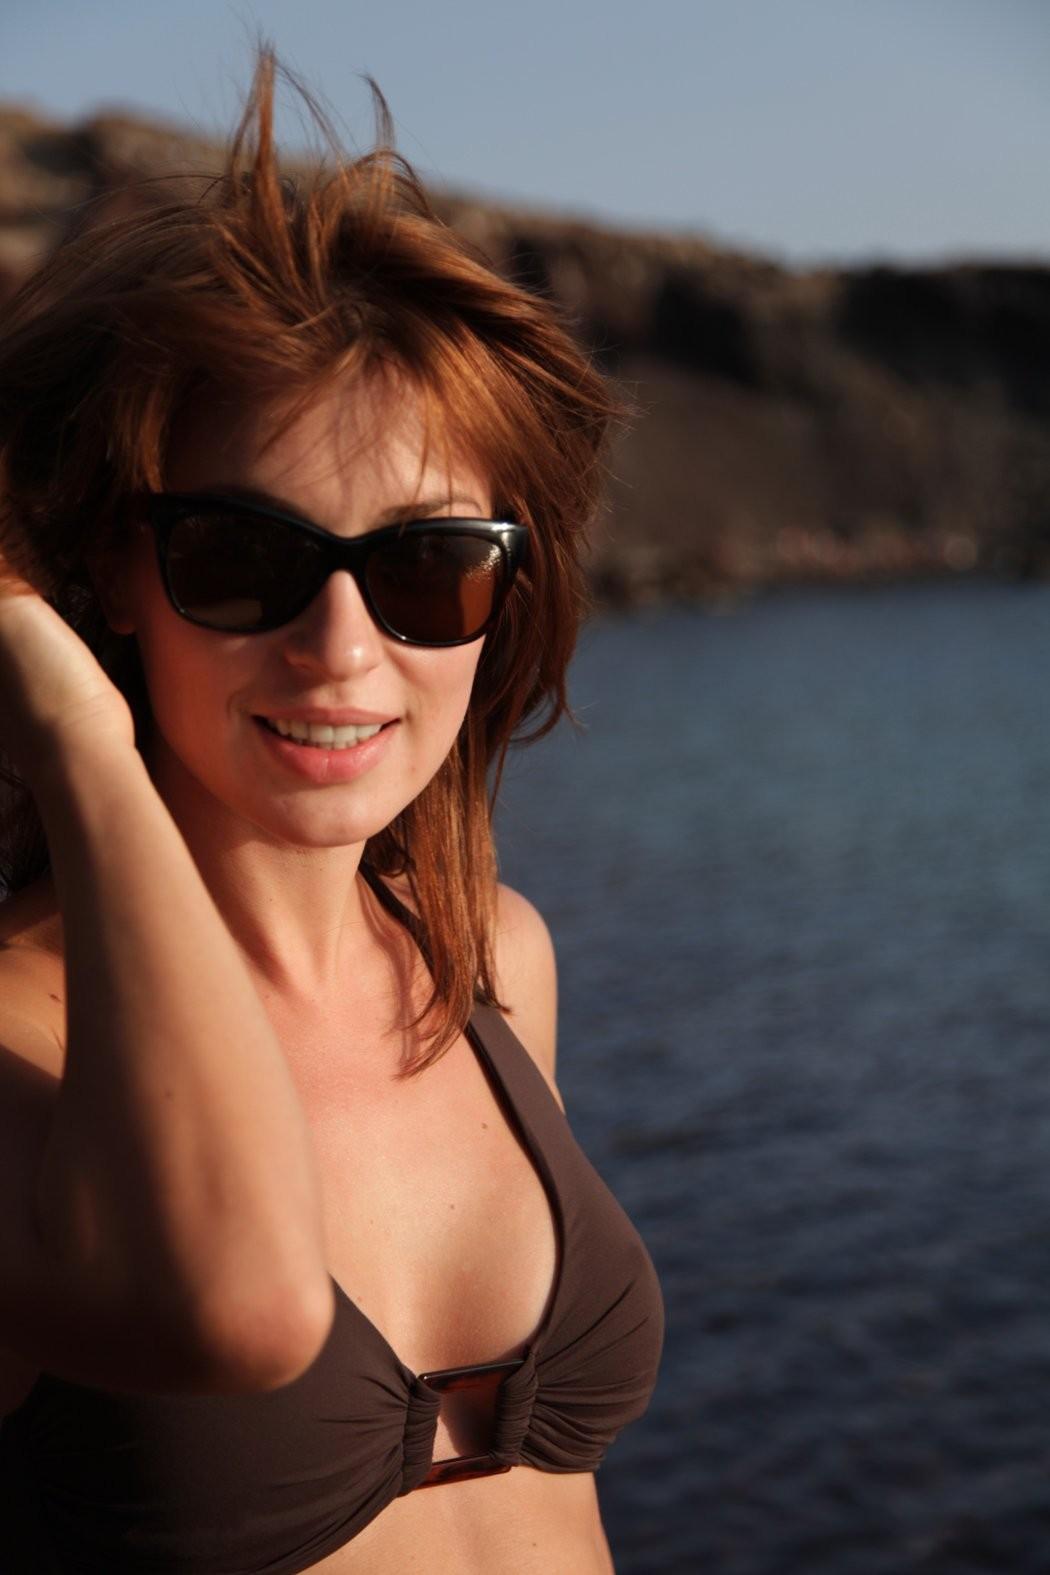 Эротическое фото телеведущий анны кастеровой 5 фотография